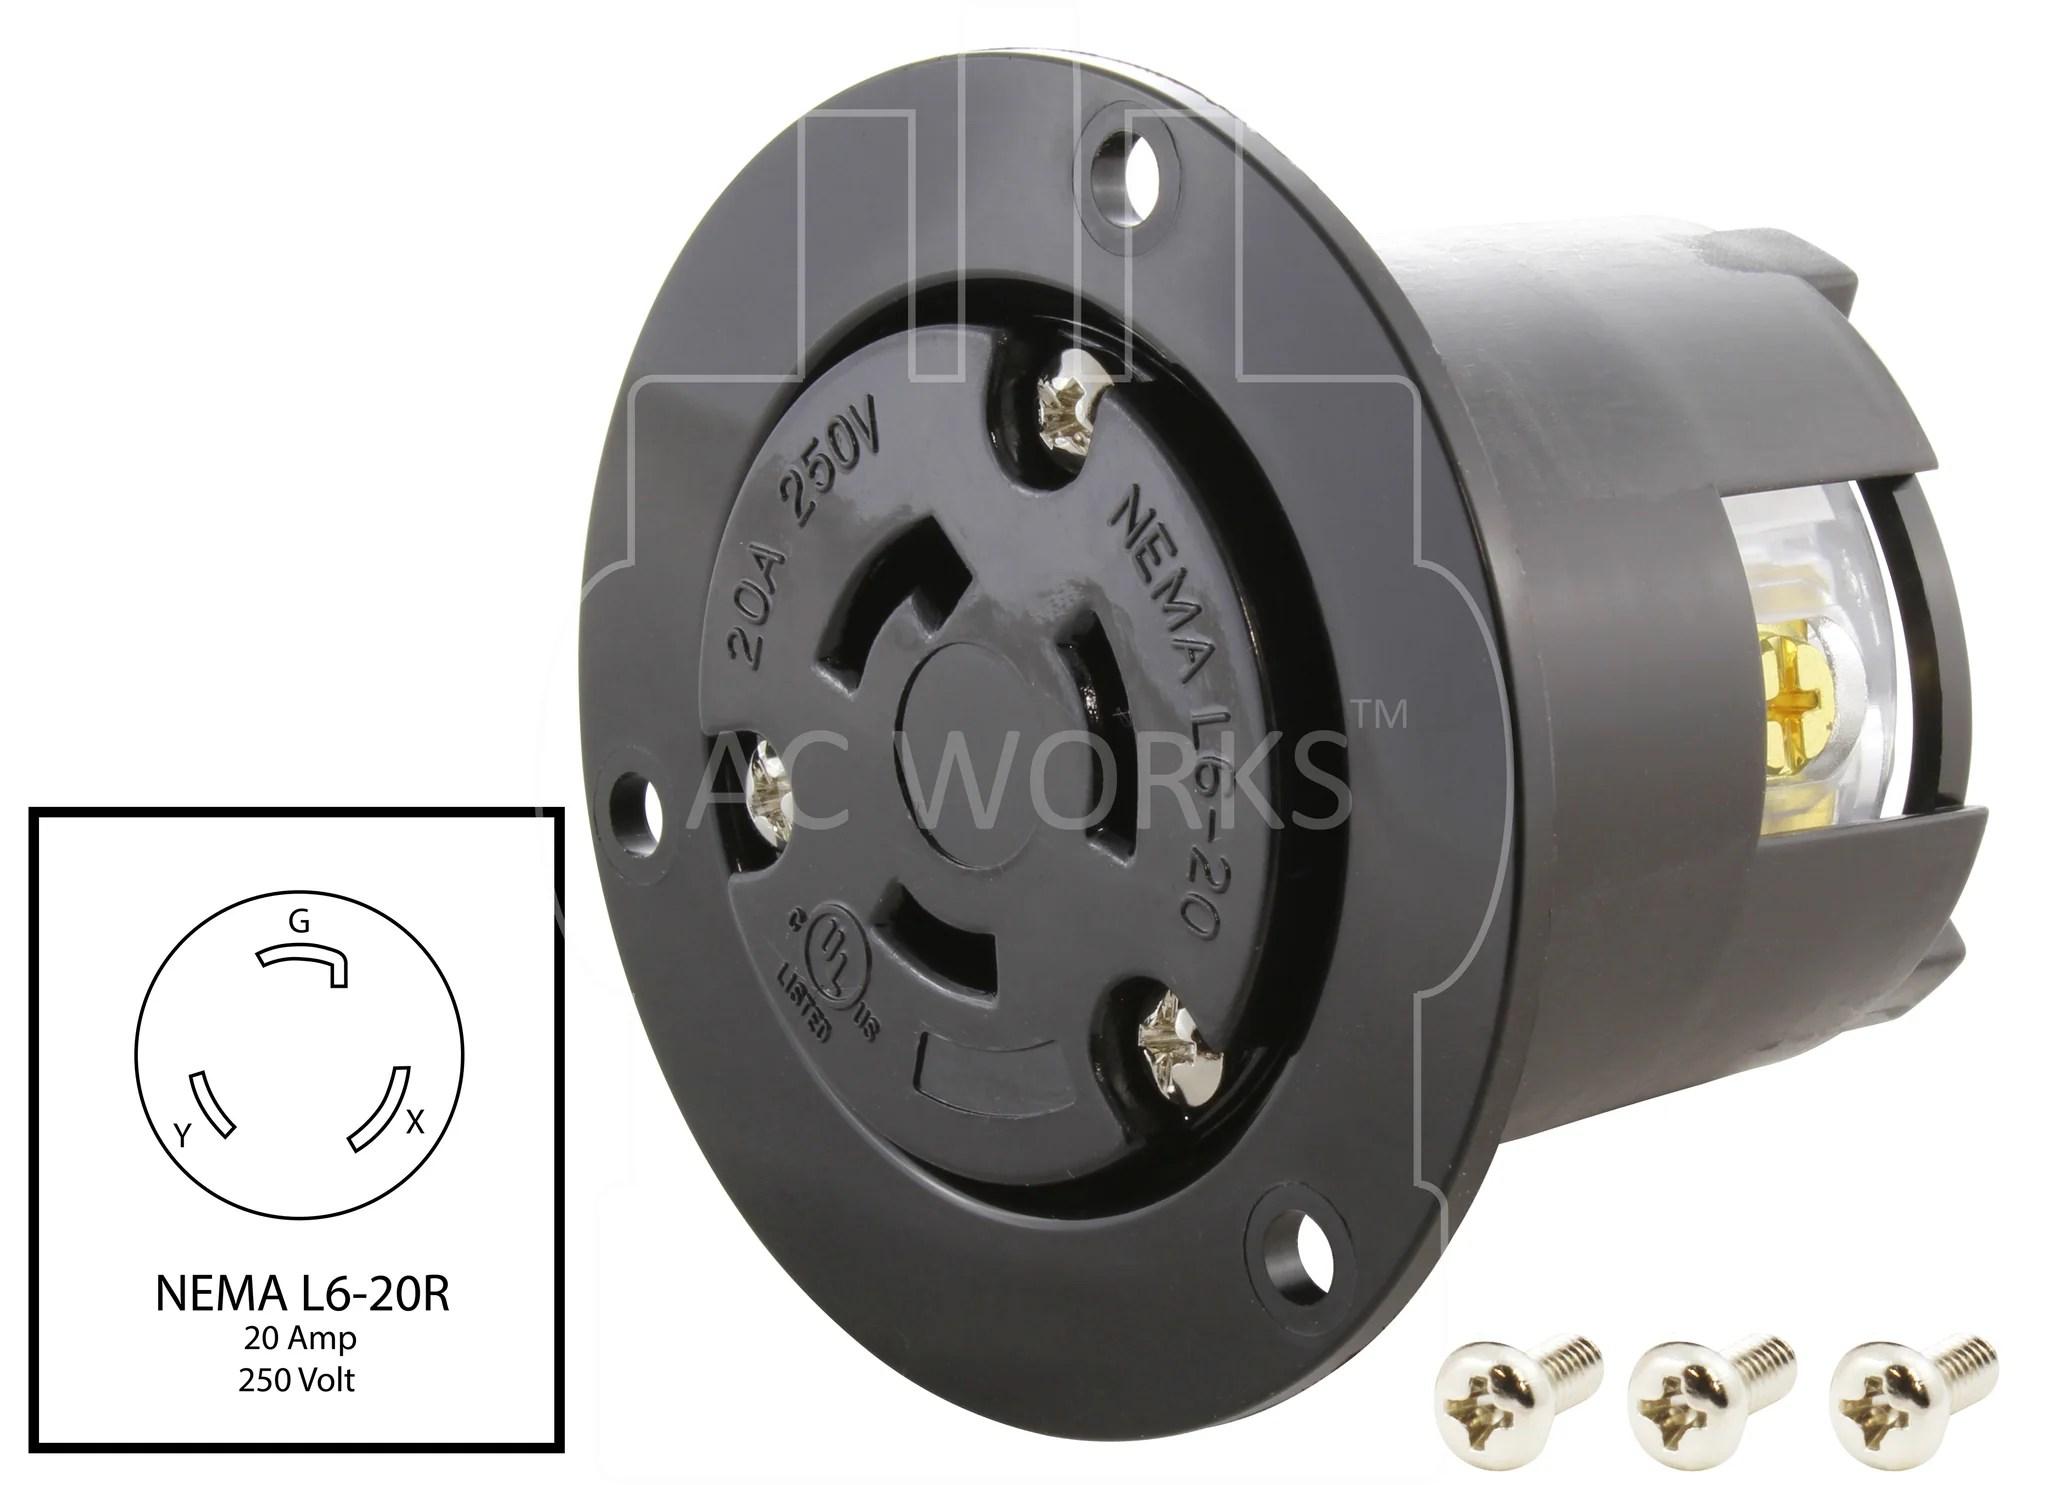 medium resolution of  nema l6 20r outlet l620 outlet diy locking outlet 20 amp locking